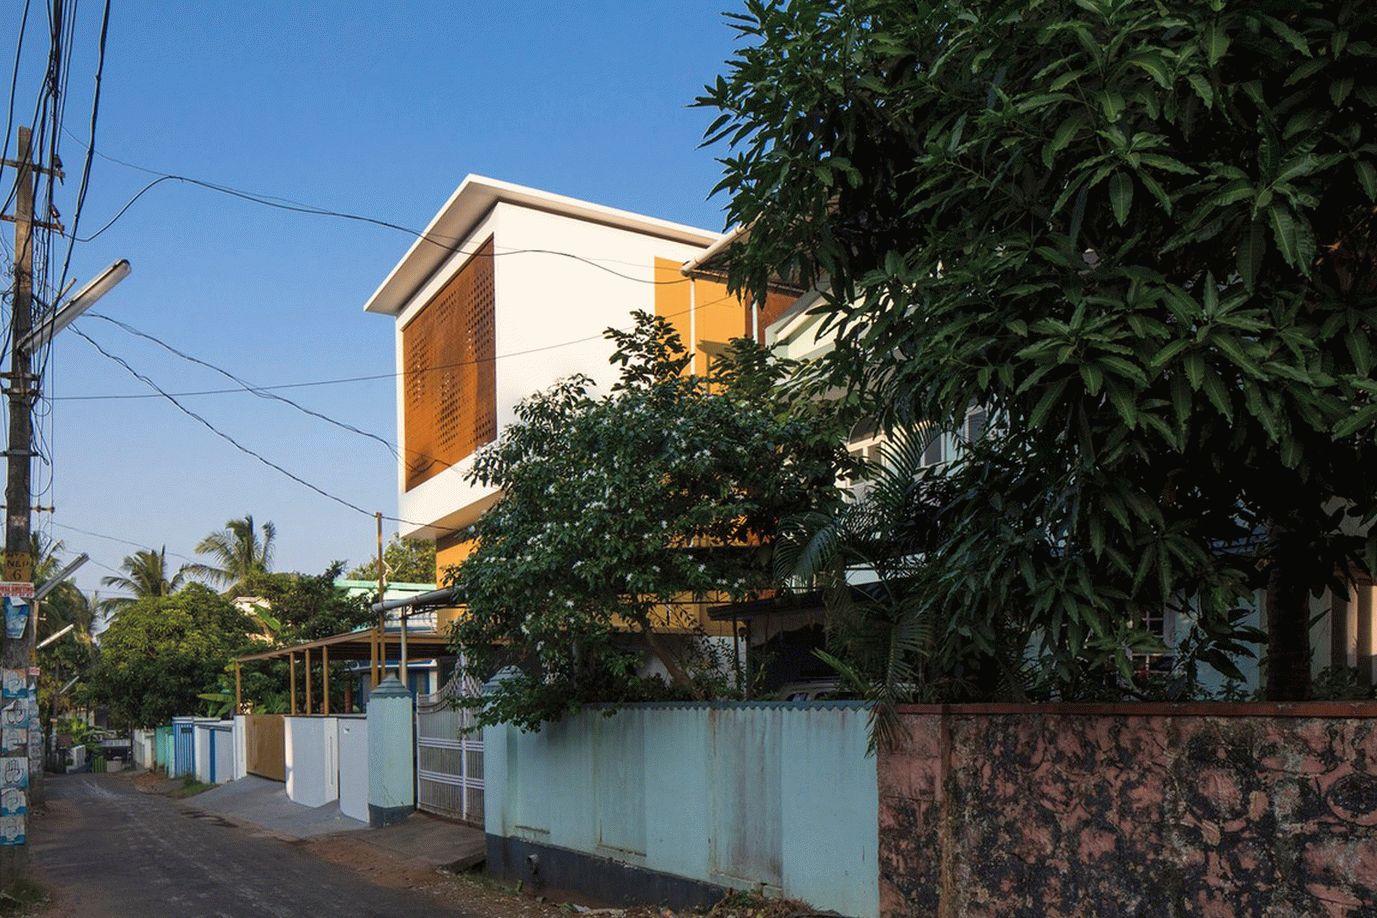 великолепный дом с крытым атриумом17